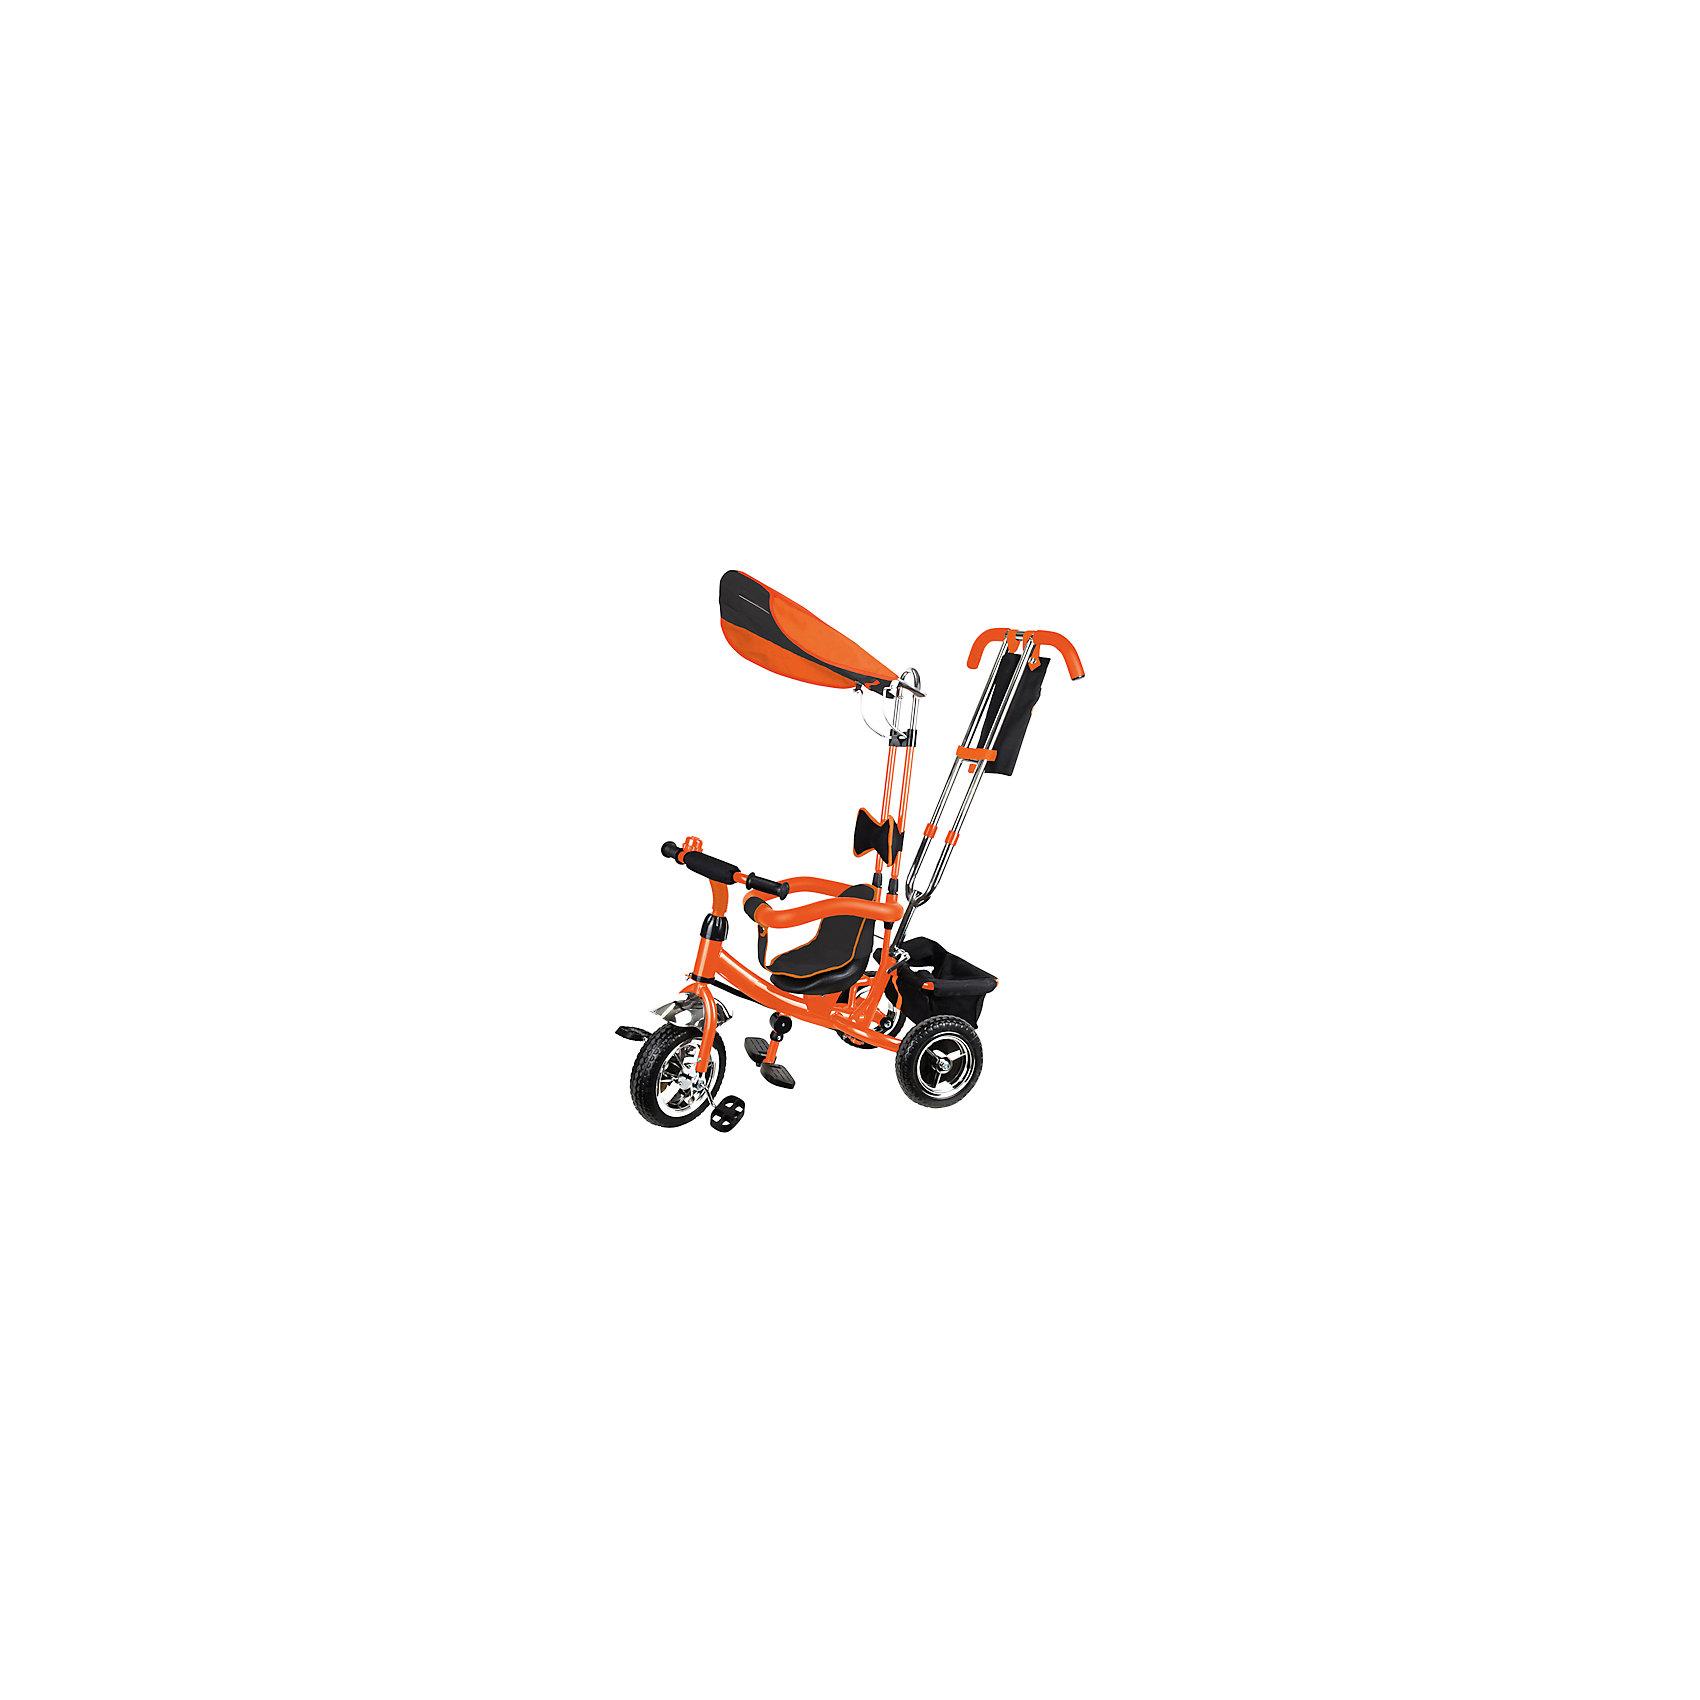 Lexus Trike Трехколесный велосипед, оранжевыйLexus Trike (Лексус Трайк) - непревзойденный трехколесный велосипед, проверенный российскими мамами. Сборка велосипеда очень проста и не требует много усилий. Великолепное качество изготовления обеспечивает полный комфорт для мамы и малыша. Велосипед отличается прекрасной управляемостью. Если родитель сам хочет управлять велосипедом, предусмотрена функция «свободное колесо»: ребенок сможет крутить педали вперед-назад, но его движения не будут влиять на ход велосипеда. Благодаря тросам в родительской ручке, велосипед четко выполняет команды родительского управления. Регулируйте расстояние от сидения до руля одним движением в зависимости от того, хочет малыш крутить педали или нет. Тент от солнца улучшенной формы и мягкие ограждения делают велосипед абсолютно безопасным. Колеса из полиуретана гарантируют устойчивость к стиранию. Удобная сумка для багажа действительно вместительная, ведь малышу на прогулке столько всего необходимо.<br><br>Дополнительная информация:<br><br>- Максимальная нагрузка: 50 кг;<br>- Три колеса из полиуретана;<br>- Большое колесо - 10 дюймов;<br>- Маленькие колеса - 8 дюймов;<br>- Сиденье с низкой спинкой;<br>- Подставки для ног;<br>- 3-х точечные ремни безопасности;<br>- Защитное ограждение разъемное;<br>- Регулировка сиденья по горизонтали;<br>- Регулировка ручки;<br>- Противоскользящие перфорированные педали;<br>- Сумка для багажа (большая) матерчатая;<br>- Цвет: оранжевый;<br>- Размер: 86 х 50 х 100 см;<br>- Вес: 11 кг<br><br>Lexus Trike  (Лексус Трайк) Трехколесный велосипед, оранжевый можно купить в нашем интернет-магазине.<br><br>Ширина мм: 700<br>Глубина мм: 270<br>Высота мм: 440<br>Вес г: 11000<br>Возраст от месяцев: 12<br>Возраст до месяцев: 36<br>Пол: Унисекс<br>Возраст: Детский<br>SKU: 4001433